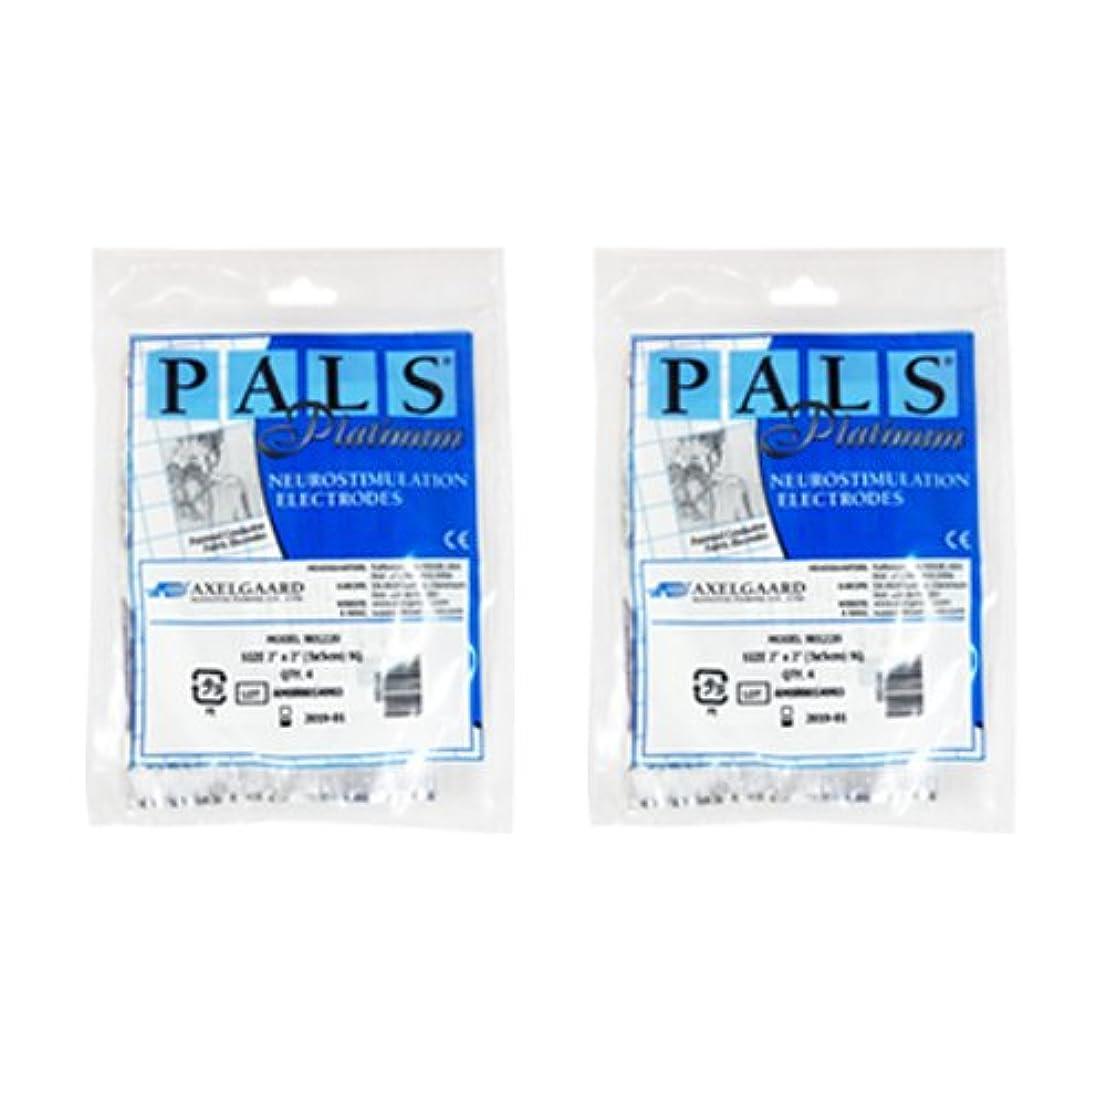 緯度宣言冷蔵庫敏感肌用アクセルガード ブルー Mサイズ × 2セット 【EMS用粘着パッド】